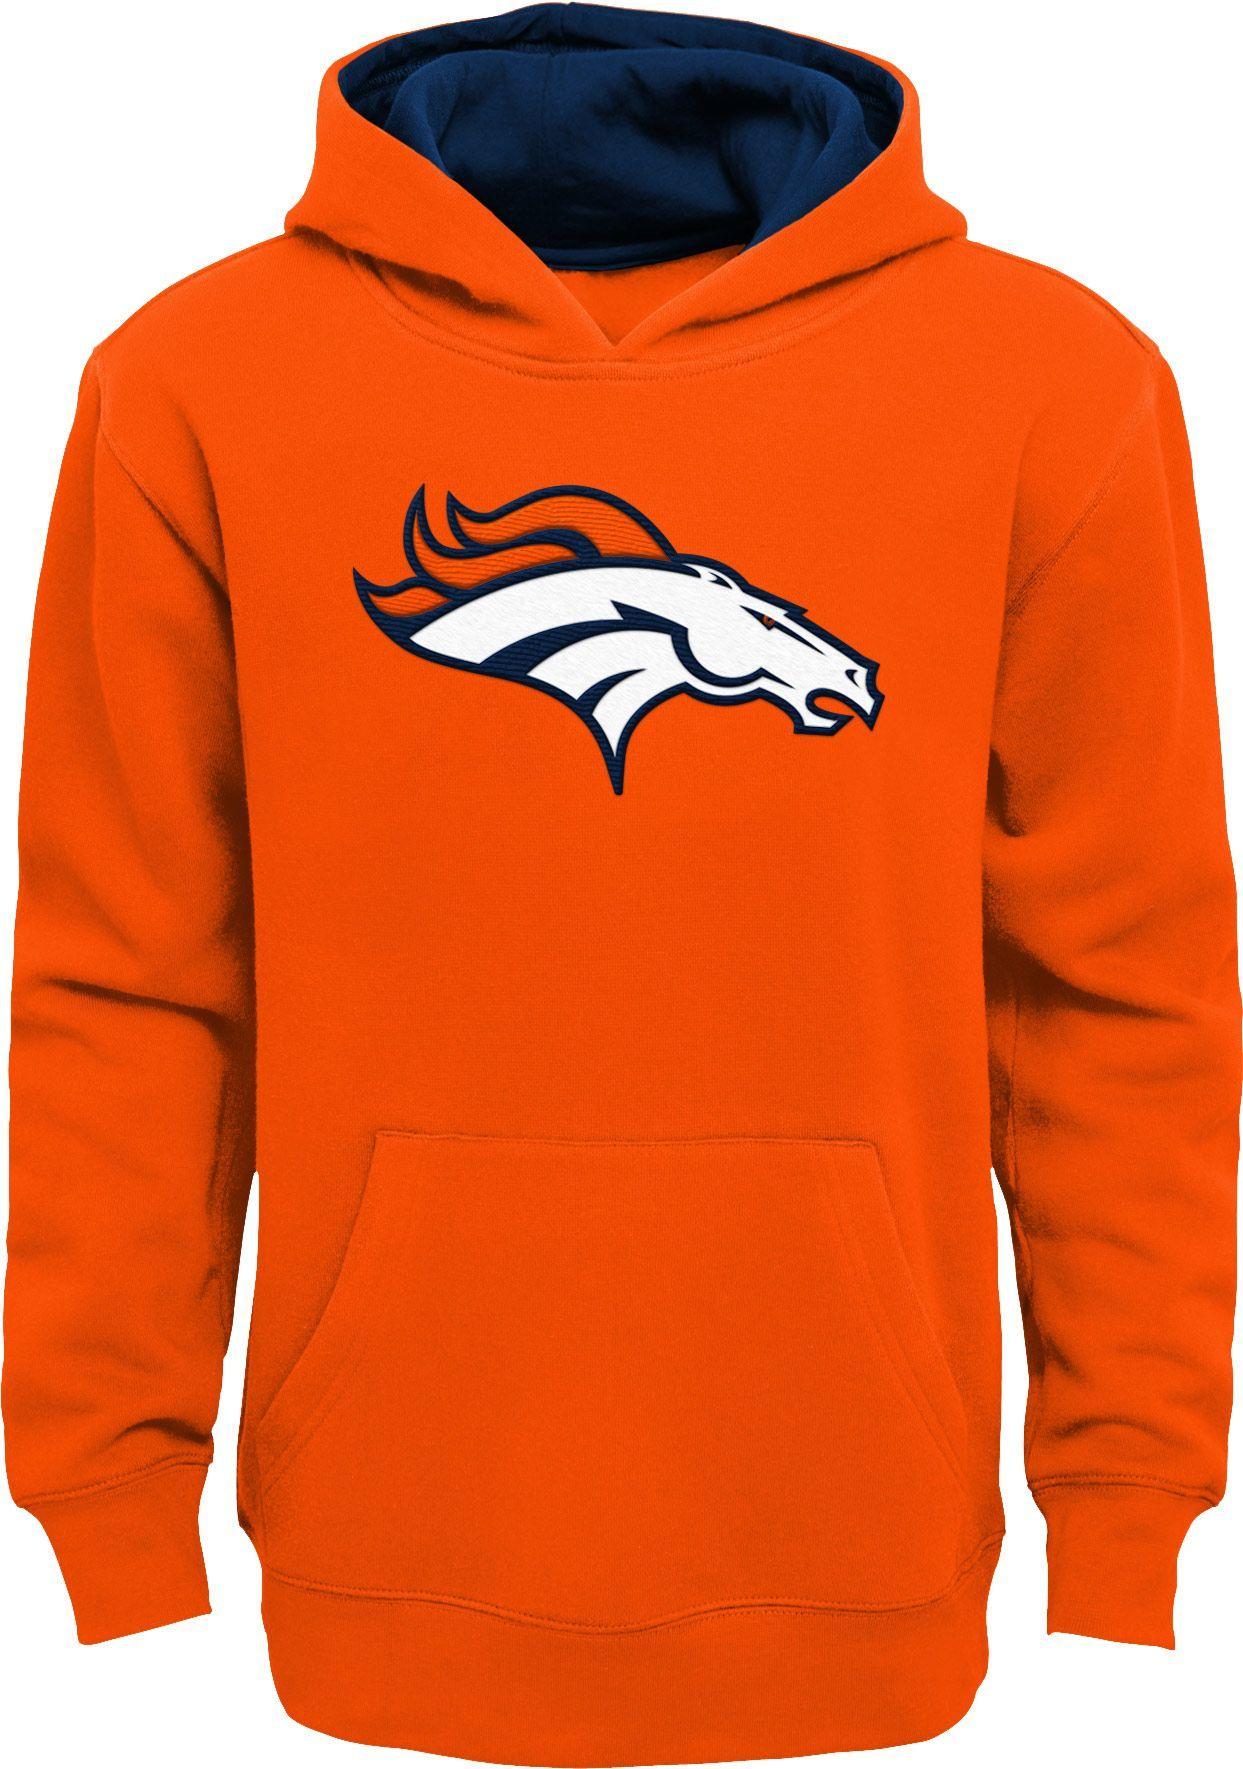 NFL Team Apparel Youth Denver Broncos Prime Orange Pullover Hoodie ... 2f59f0046